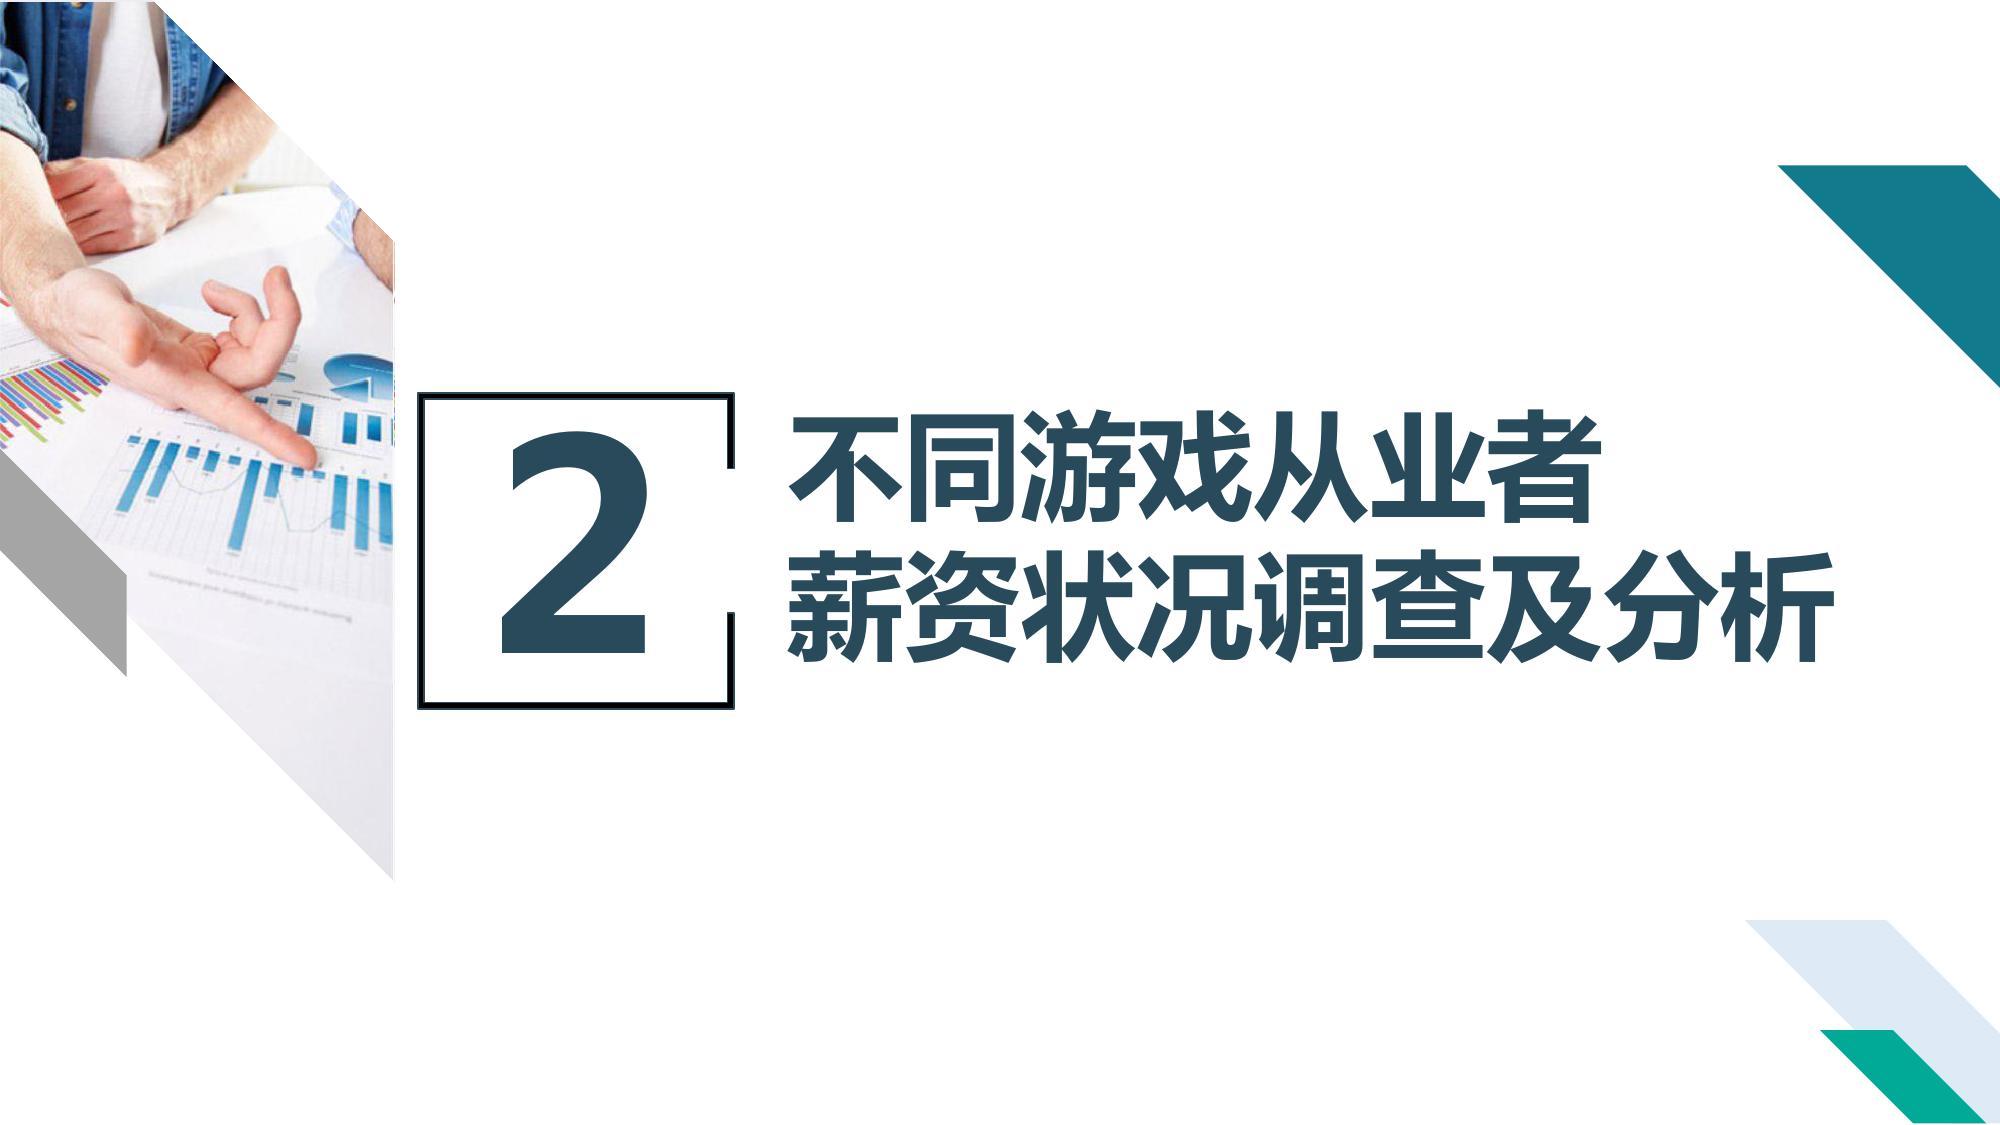 必威官方最新下载 12